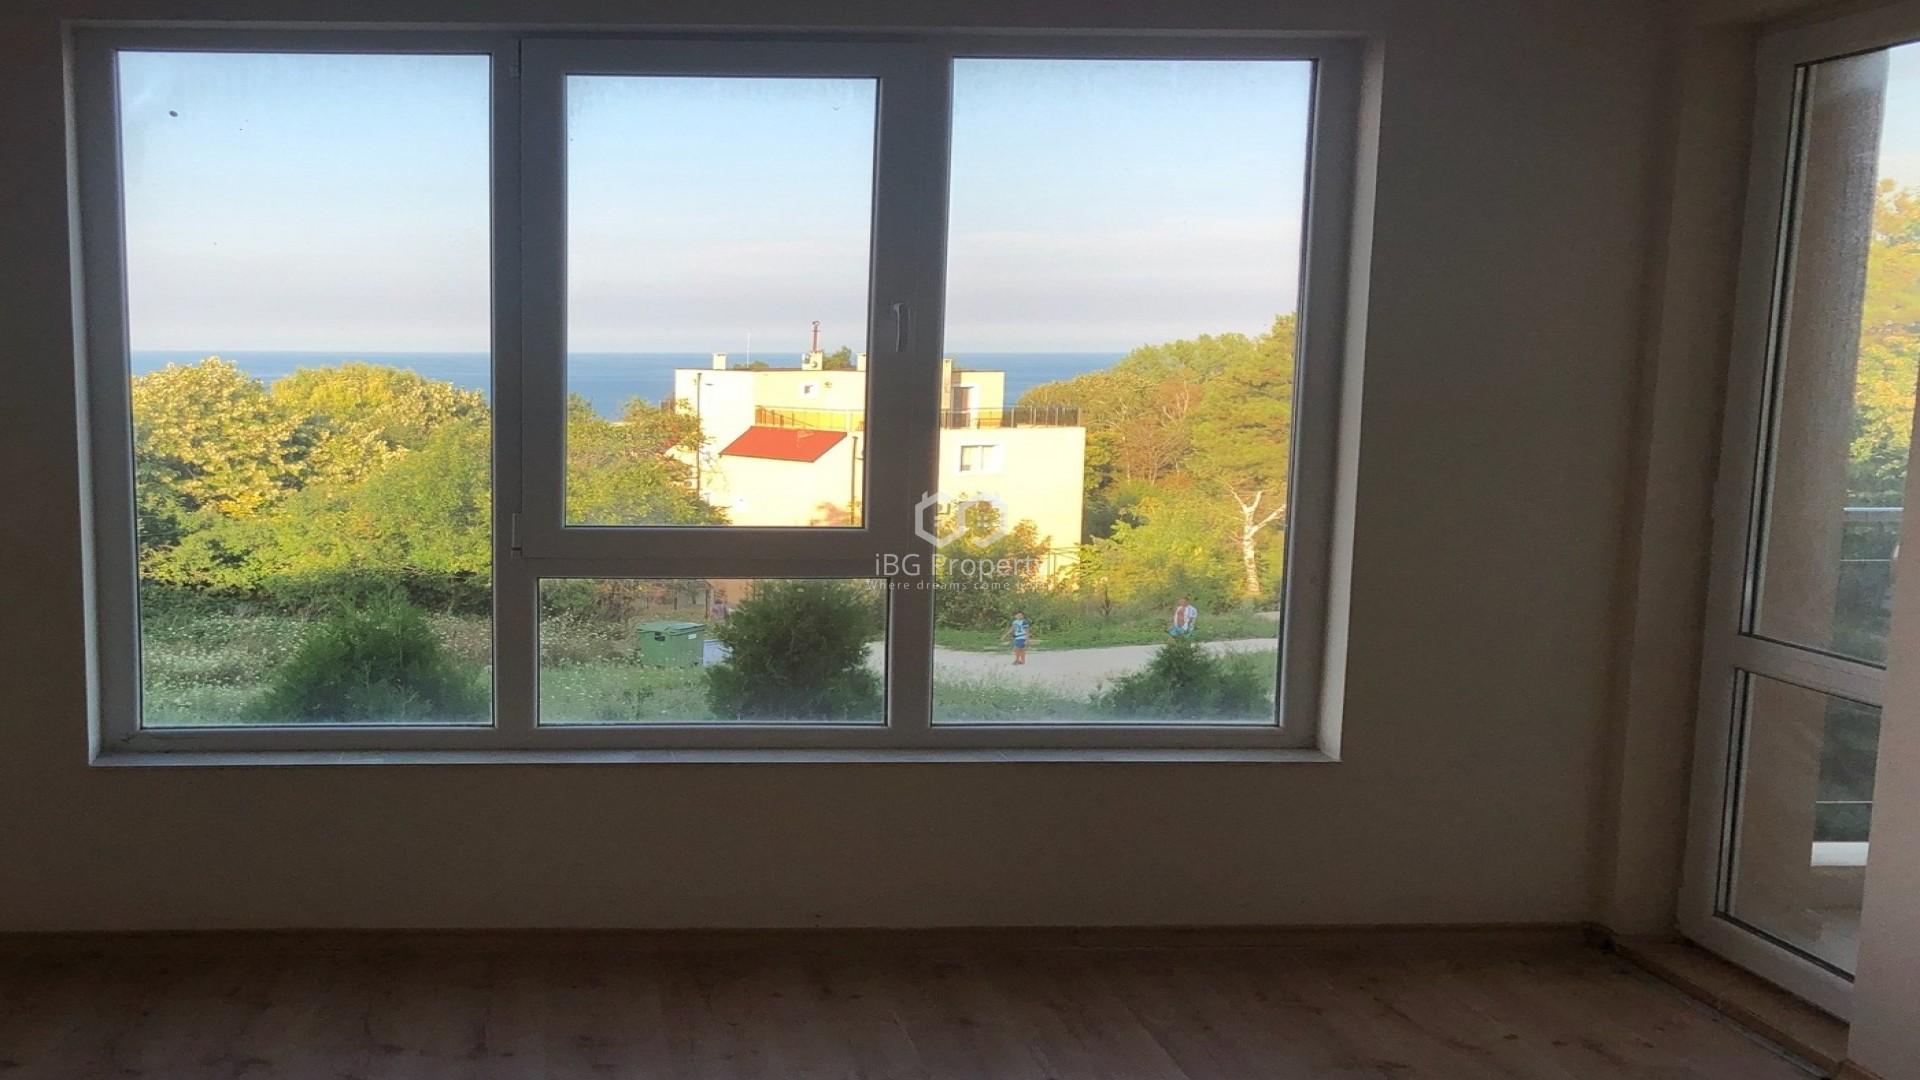 Zweizimmerwohnung in Bjala 66 m2